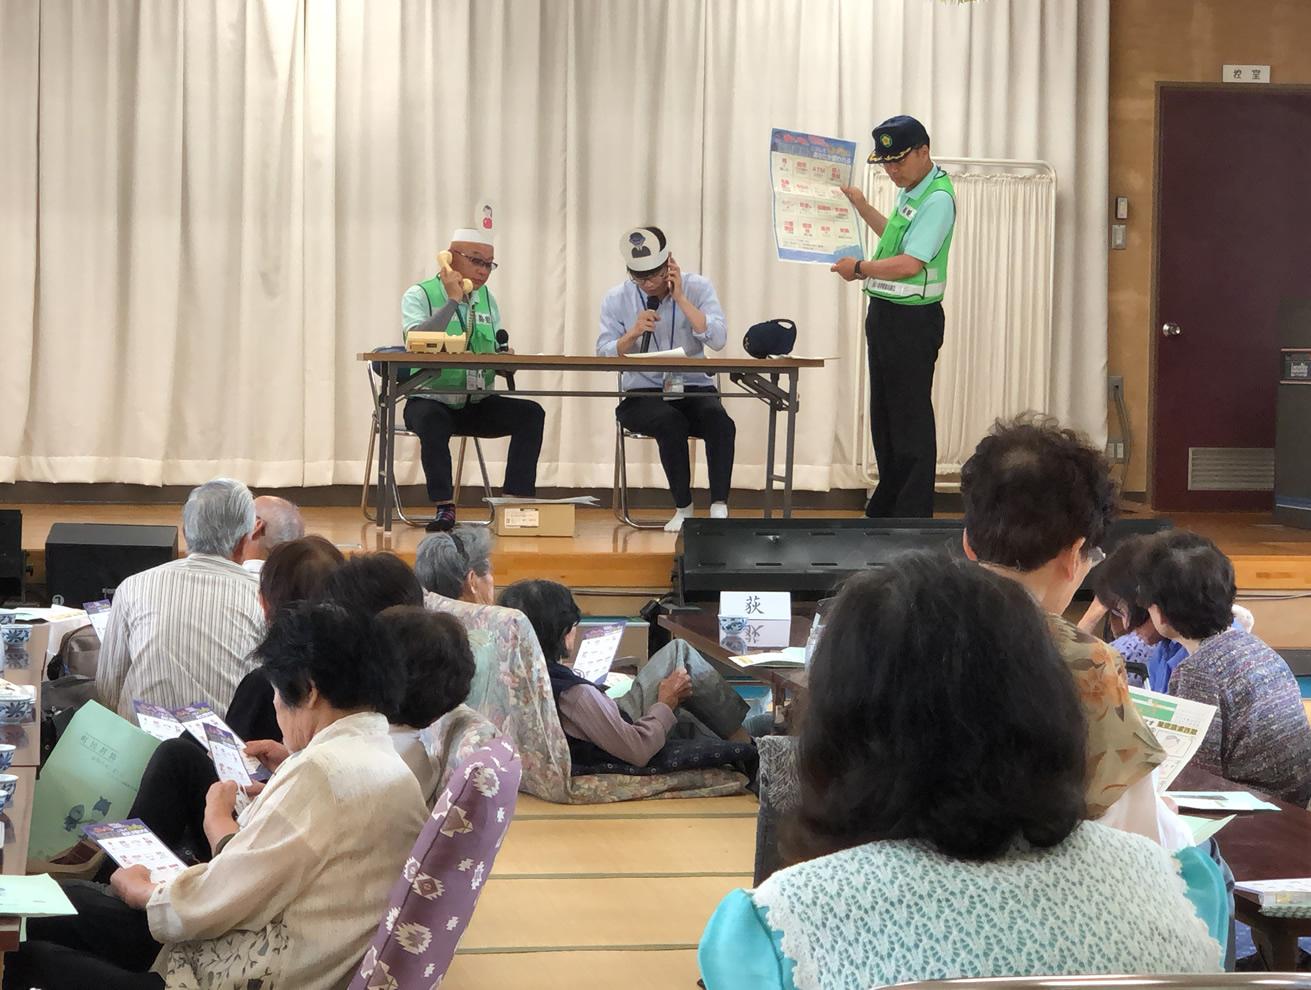 じいちゃんとおばあちゃんに向けた「ニセの役所編 ビンゴガード大会」が幸田町防災安全課の方々による寸劇で開催されました。 #防災防犯マップ #ビンゴガイド #BingoGuard #MoaiDesign #モアイデザイン